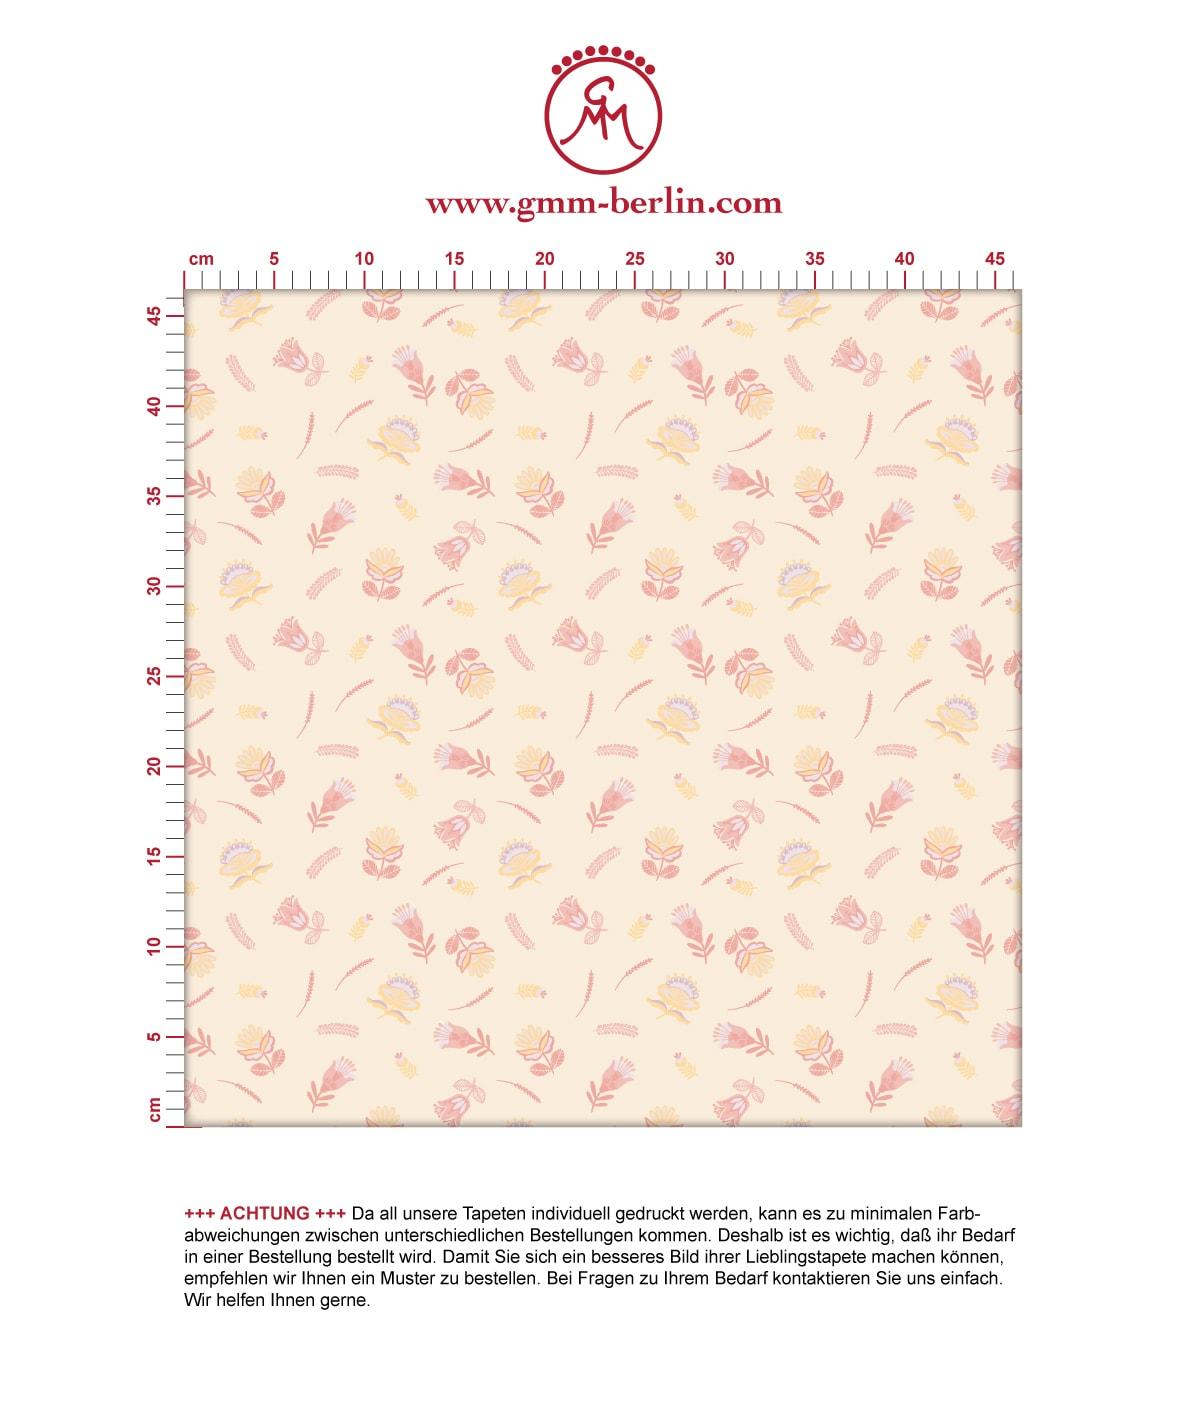 Streublümchen Tapete mit kleinen Blüten, vanille gelbe Vlies Tapete folklore Blumentapete für Küche. Aus dem GMM-BERLIN.com Sortiment: Schöne Tapeten in der Farbe: gelb